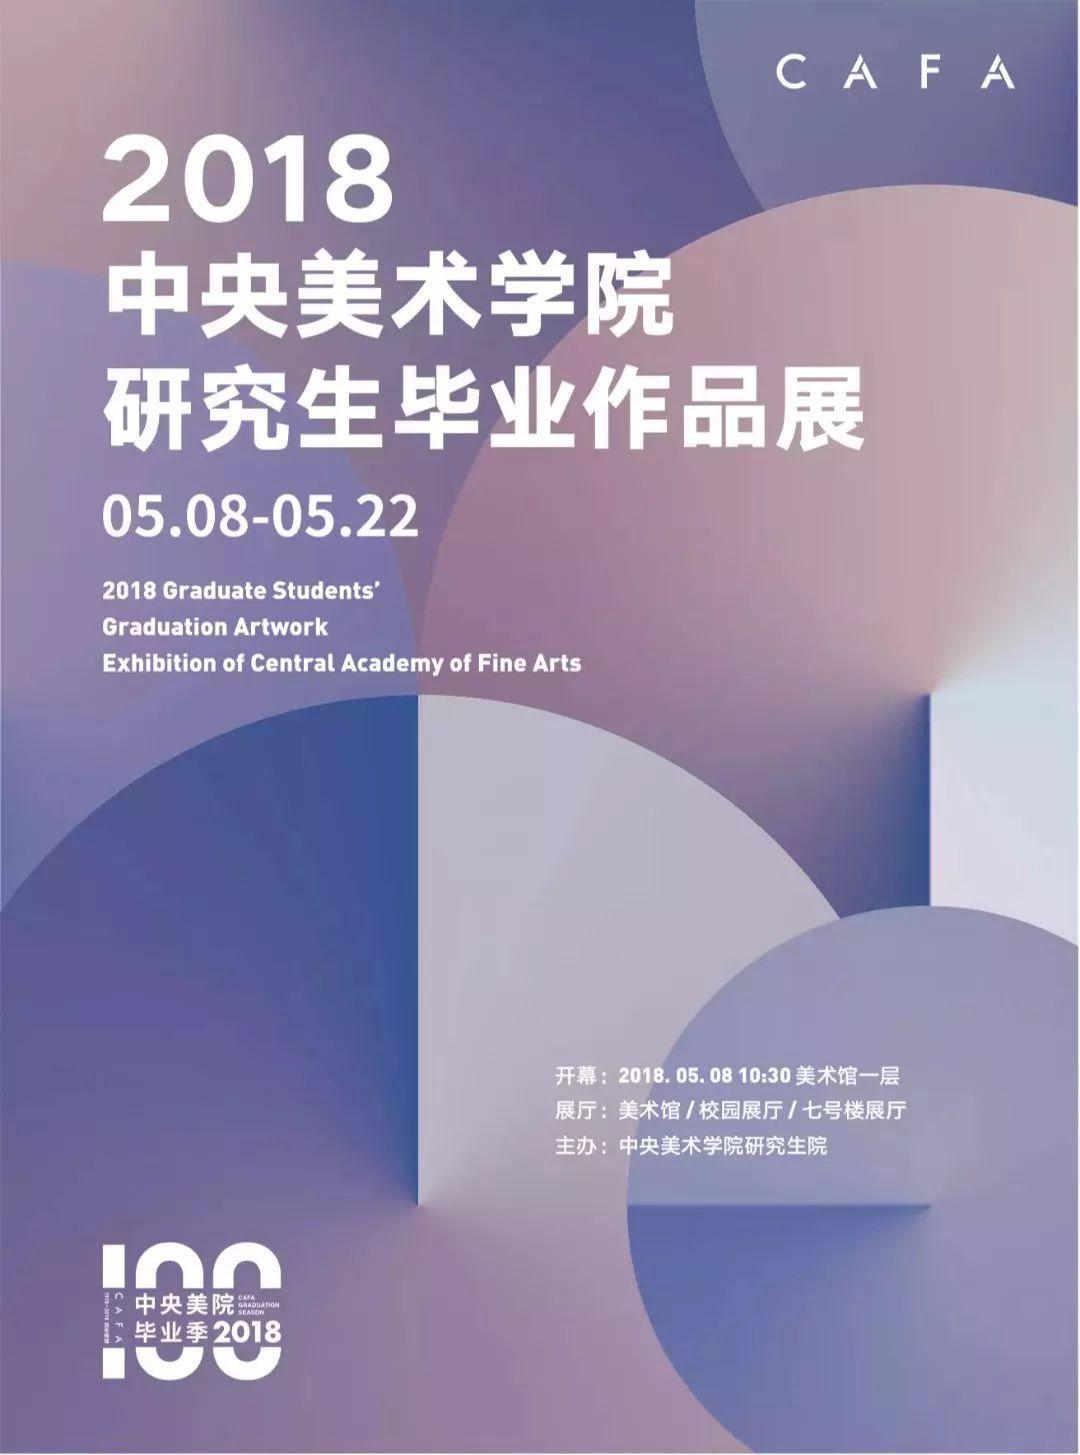 2018中央美院雕塑系研究生毕业作品展